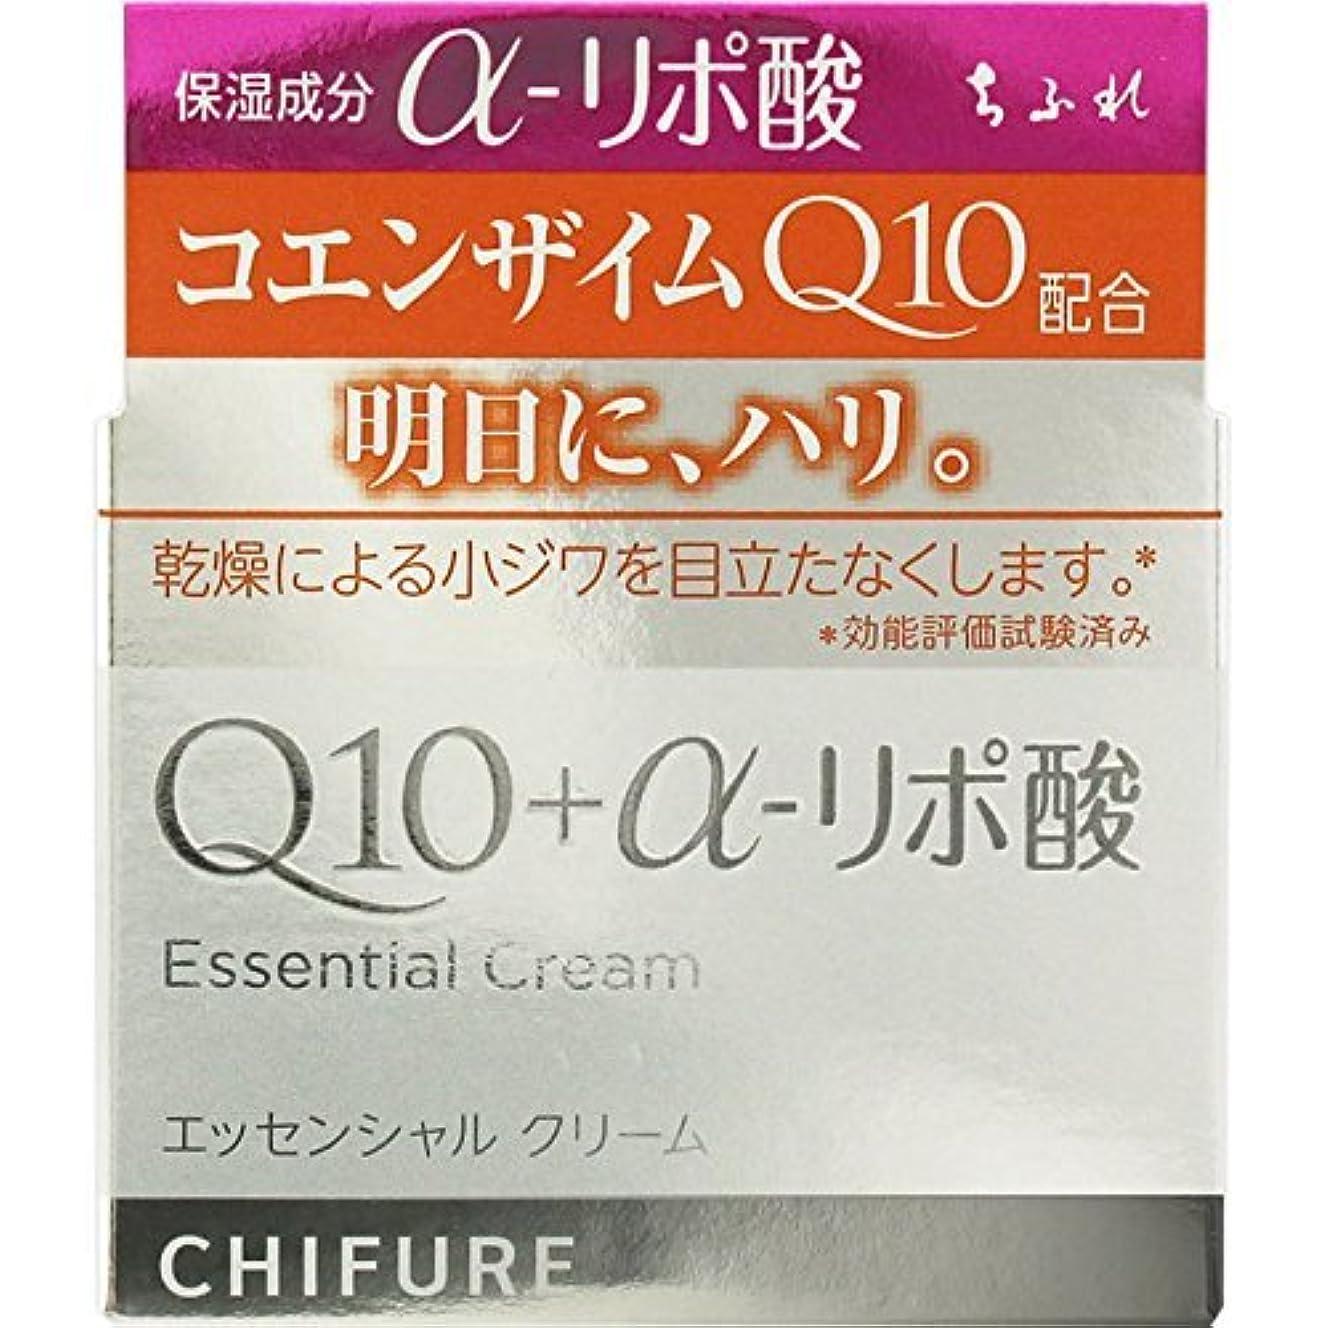 箱心から混乱したちふれ化粧品 エッセンシャルクリーム N 30g 30G